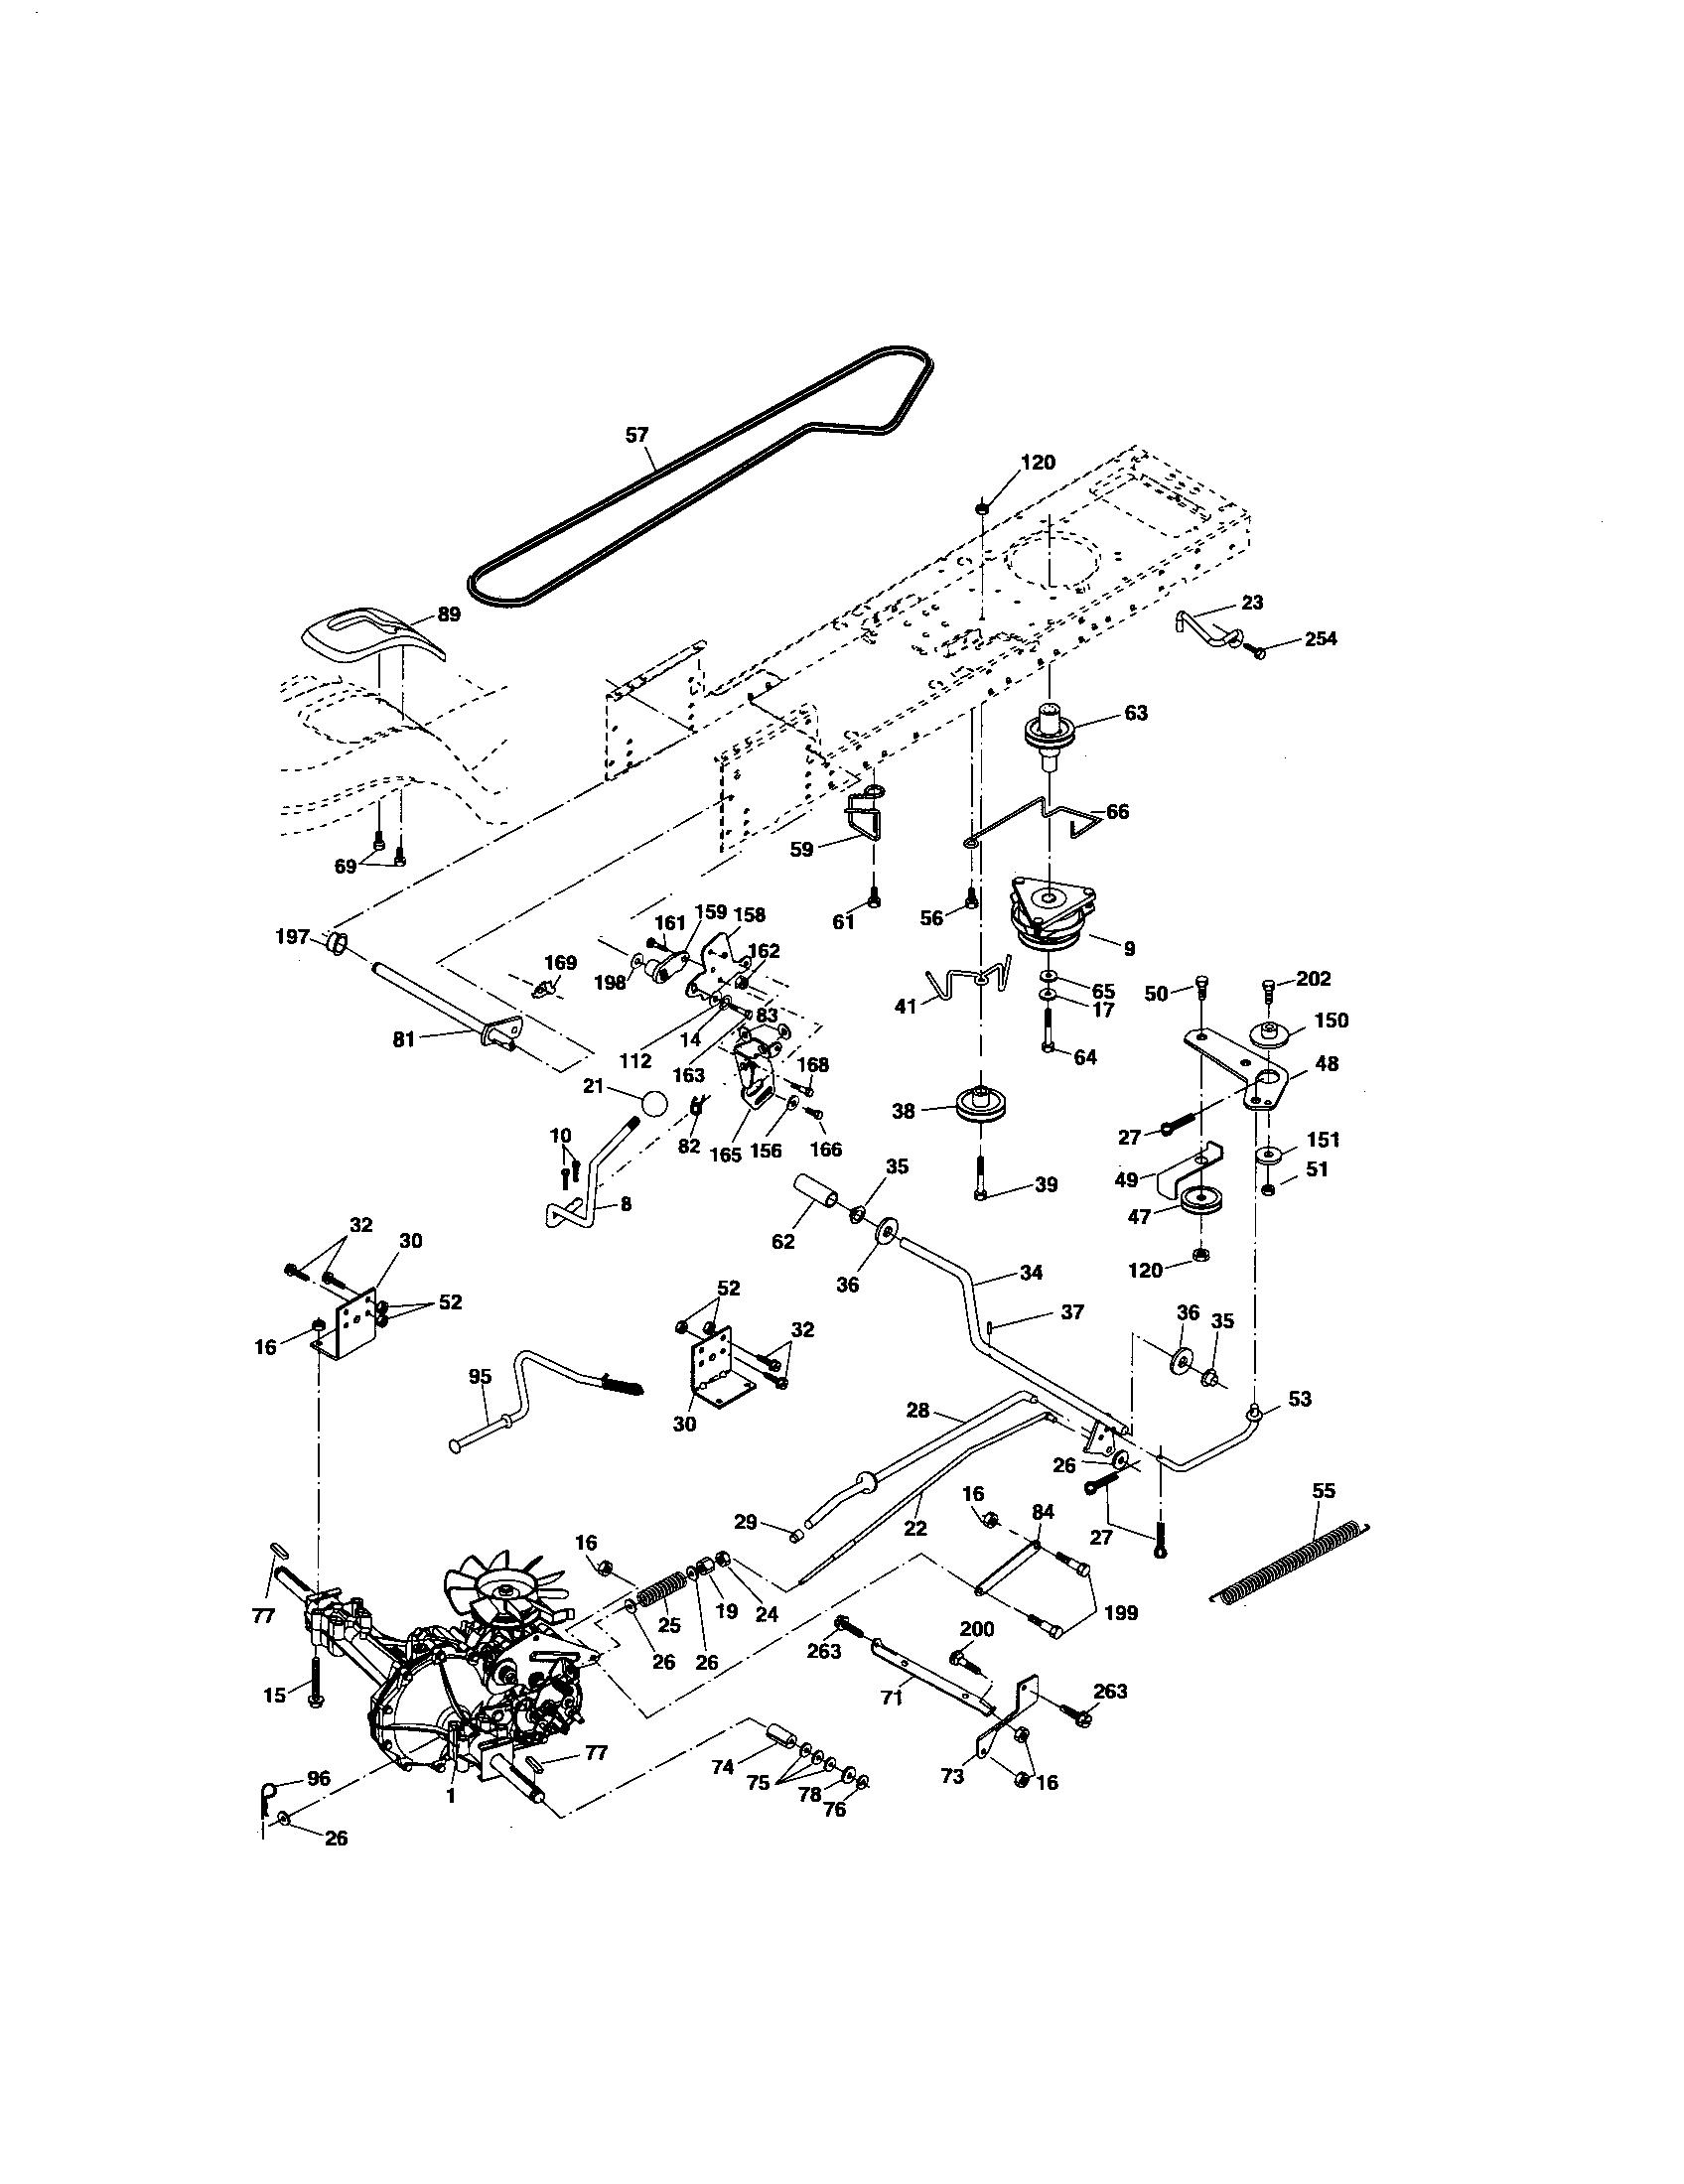 8bc89386-ef81-4607-a8b1-a7102da02284_P0509006-00003.png